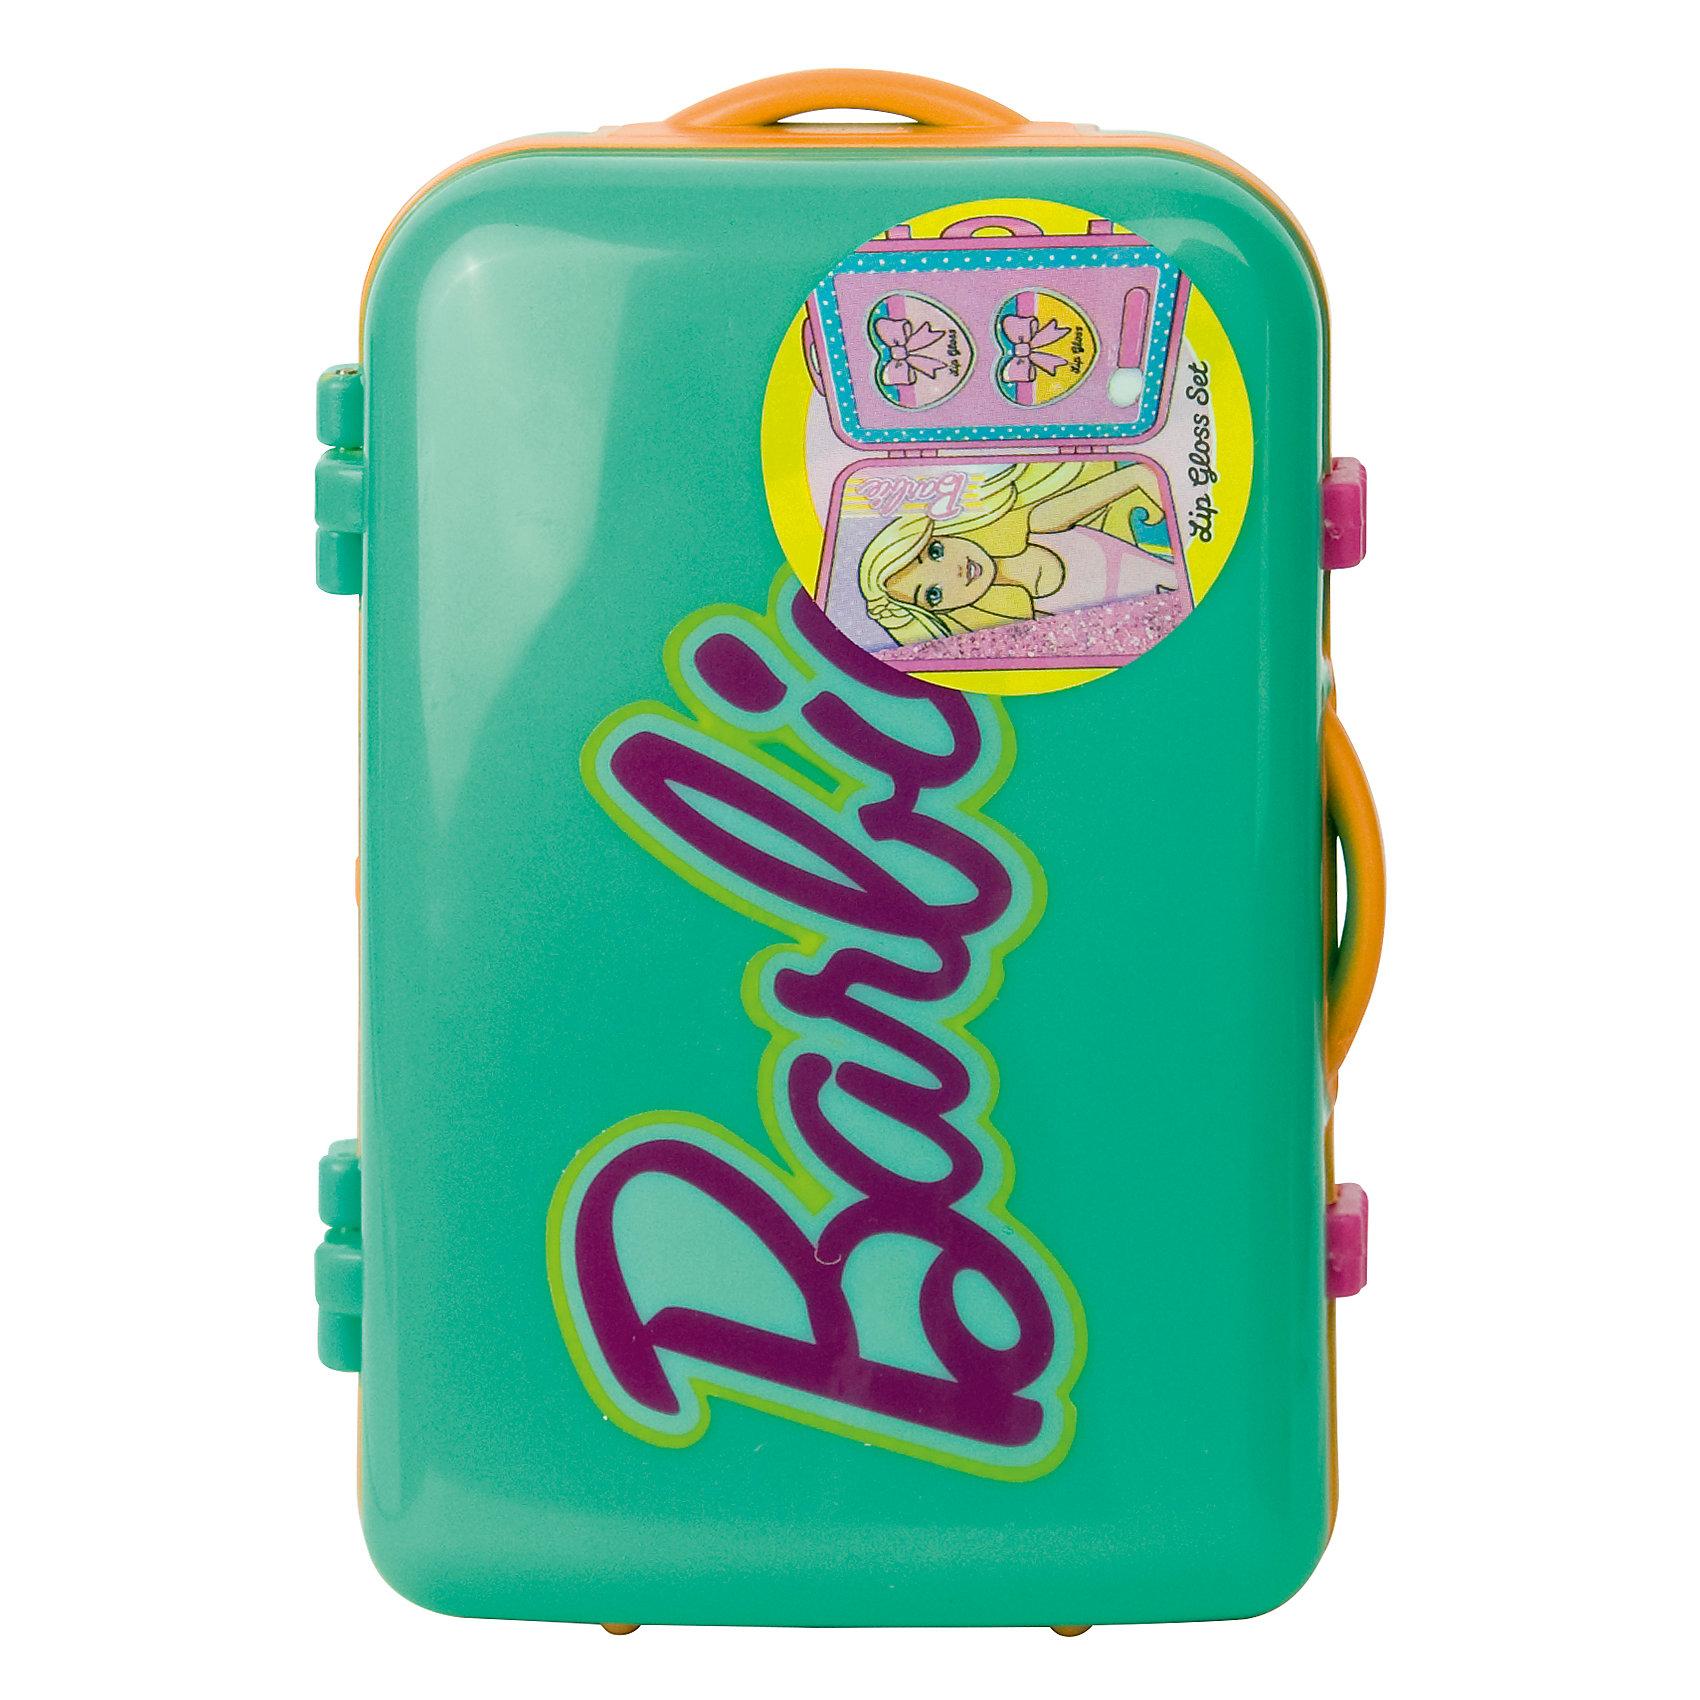 Набор детской косметики Barbie в чемоданчике, зеленыйКосметика, грим и парфюмерия<br>Характеристики:<br><br>• Наименование: детская декоративная косметика<br>• Предназначение: для сюжетно-ролевых игр<br>• Серия: Barbie<br>• Пол: для девочки<br>• Материал: натуральные косметические компоненты, пластик<br>• Цвет: в ассортименте<br>• Комплектация: 2 баночки блеска для губ, аппликатор<br>• Размеры (Д*Ш*В): 11*7*5 см<br>• Вес: 90 г <br>• Упаковка: пластиковый чемоданчик с ручками<br><br>Игровой набор детской декоративной косметики в зеленом чемоданчике, Barbie – это набор игровой детской косметики от Markwins, которая вот уже несколько десятилетий специализируется на выпуске детской косметики. Рецептура декоративной детской косметики разработана совместно с косметологами и медиками, в основе рецептуры – водная основа, а потому она гипоаллергенны, не вызывает раздражений на детской коже и легко смывается, не оставляя следа. Безопасность продукции подтверждена международными сертификатами качества и безопасности. <br>Игровой набор детской декоративной косметики состоит из двух баночек блеска для губ и аппликатора для его нанесения. Косметические средства, входящие в состав набора, имеют длительный срок хранения – 12 месяцев. Набор выполнен в брендовом дизайне популярной серии Barbie, упакован в шкатулку в виде дорожного чемодана. Игровой набор детской декоративной косметики от Markwins может стать незаменимым праздничным подарком для любой маленькой модницы!<br><br>Игровой набор детской декоративной косметики в зеленом чемоданчике, Barbie можно купить в нашем интернет-магазине.<br><br>Ширина мм: 32<br>Глубина мм: 95<br>Высота мм: 63<br>Вес г: 107<br>Возраст от месяцев: 48<br>Возраст до месяцев: 120<br>Пол: Женский<br>Возраст: Детский<br>SKU: 5124697